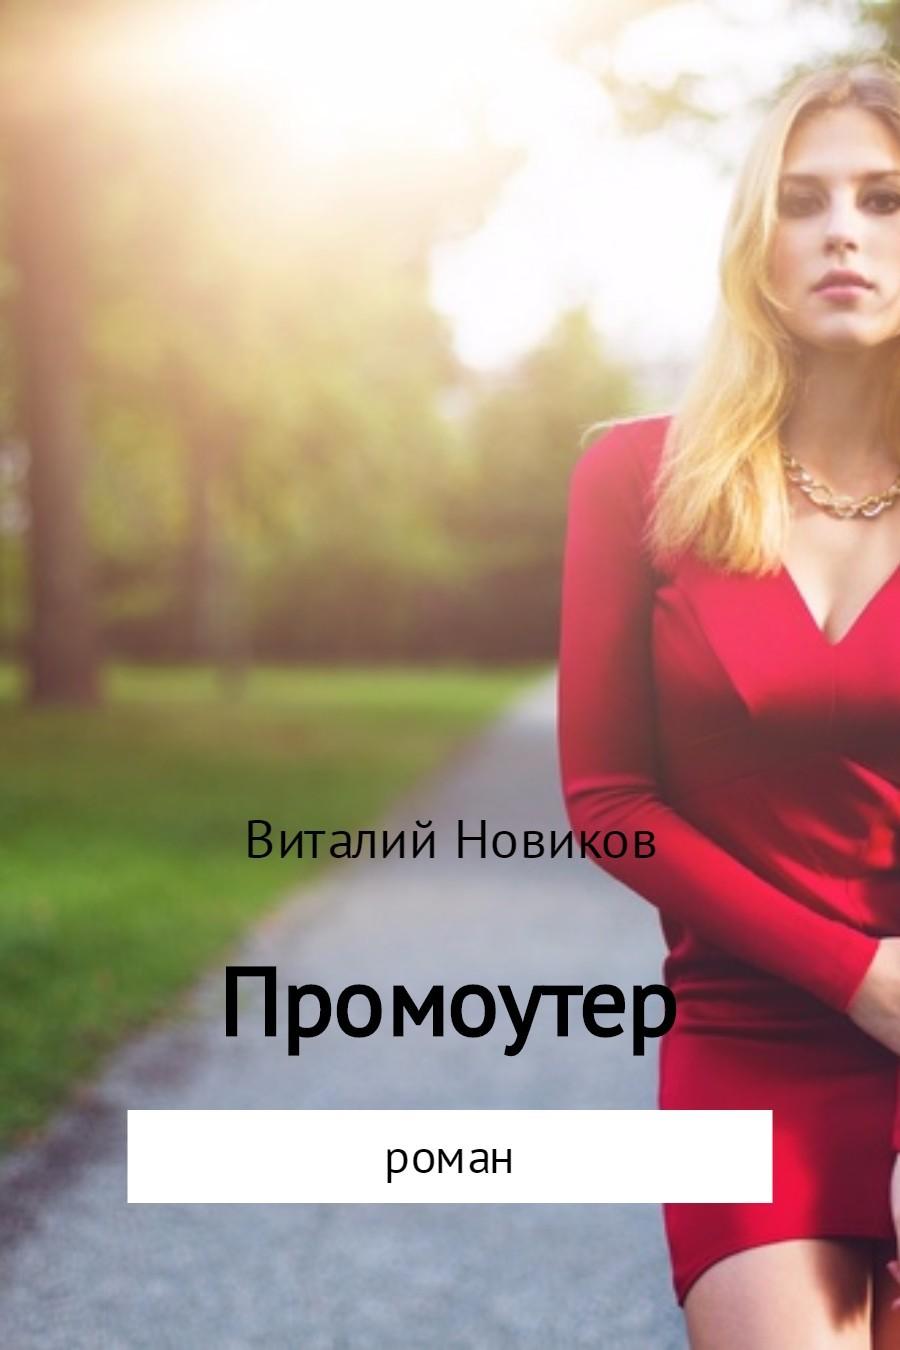 Виталий Новиков Промоутер сикварц файнест в москве